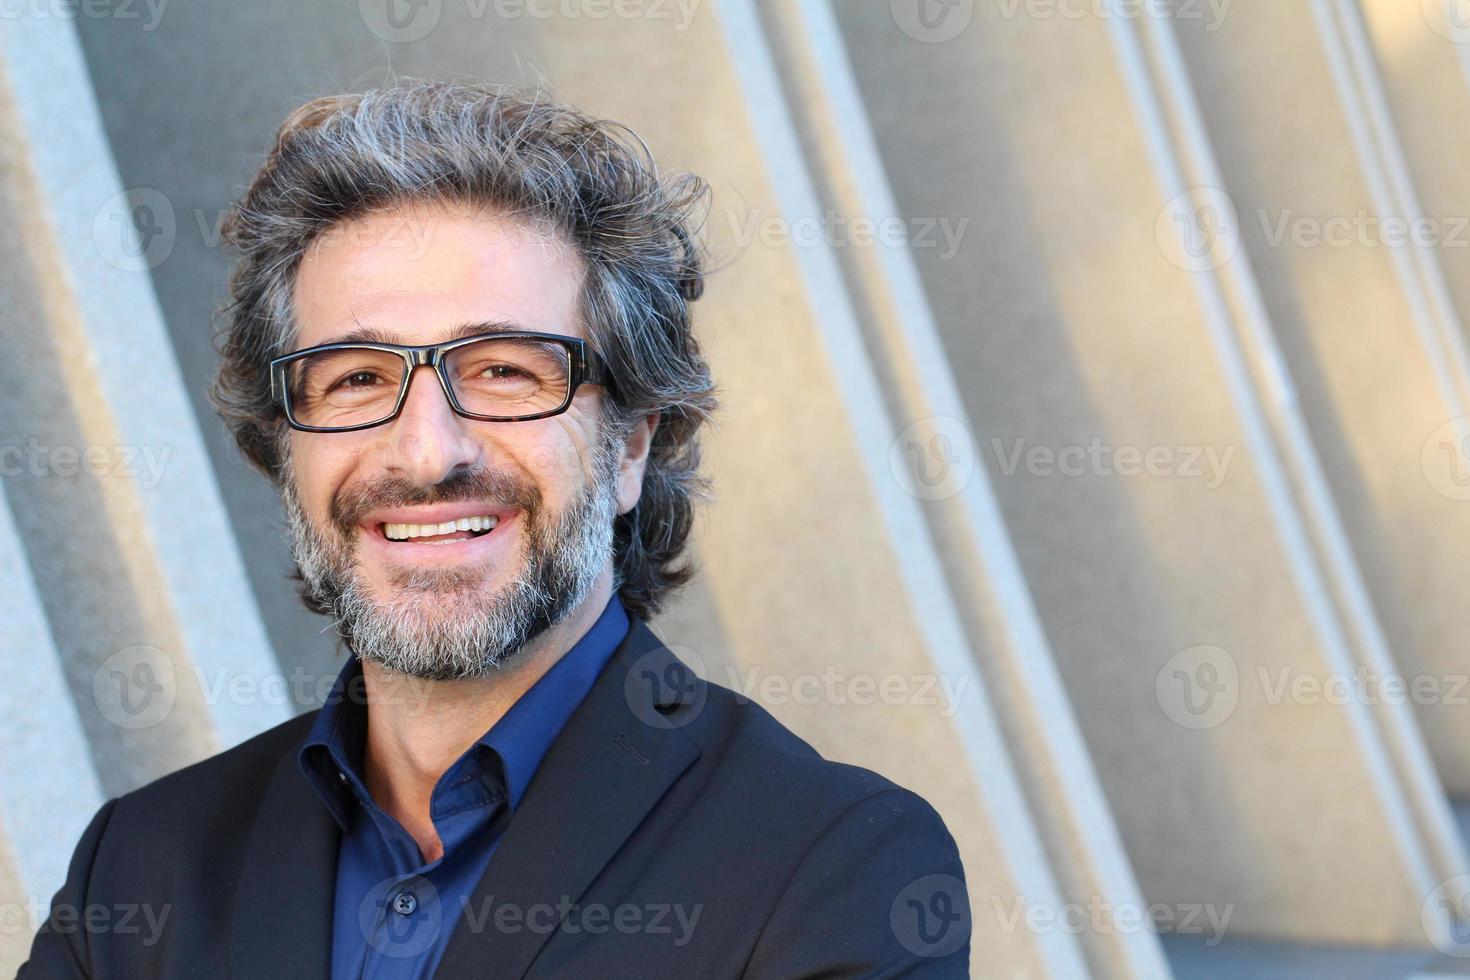 homme mature satisfait avec des lunettes souriant photo